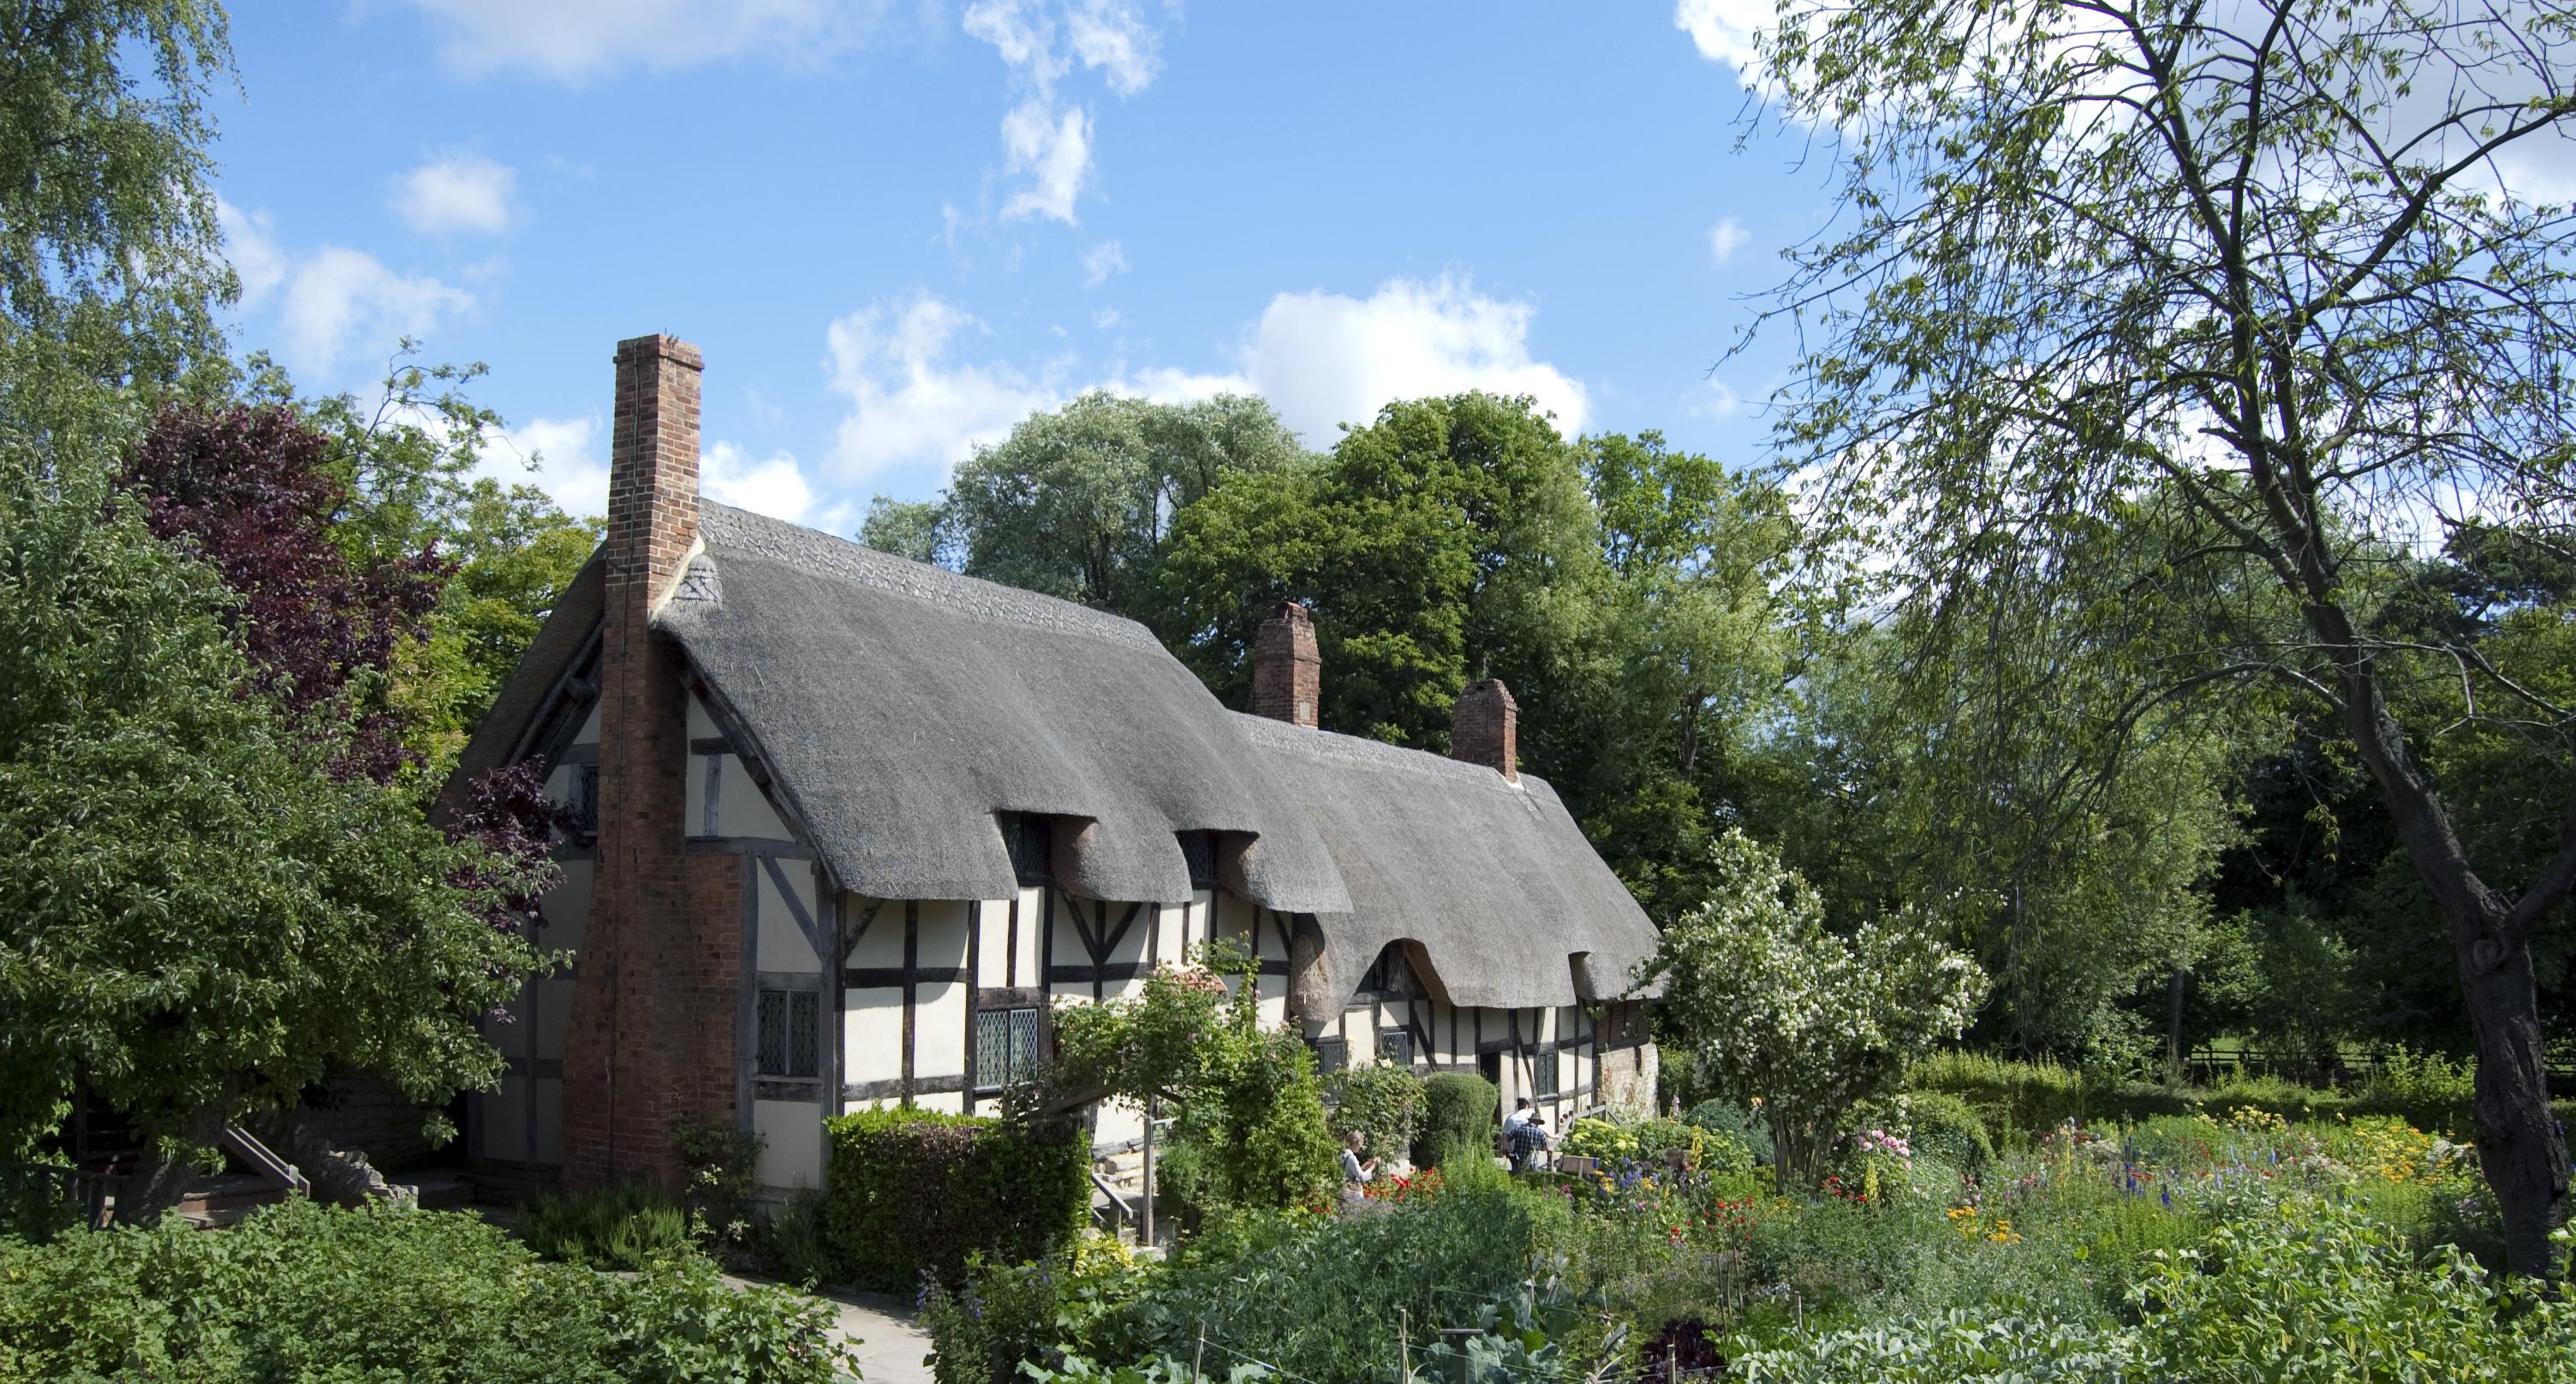 Image: Ann Hathaway's ... Anne Hathaway's Cottage